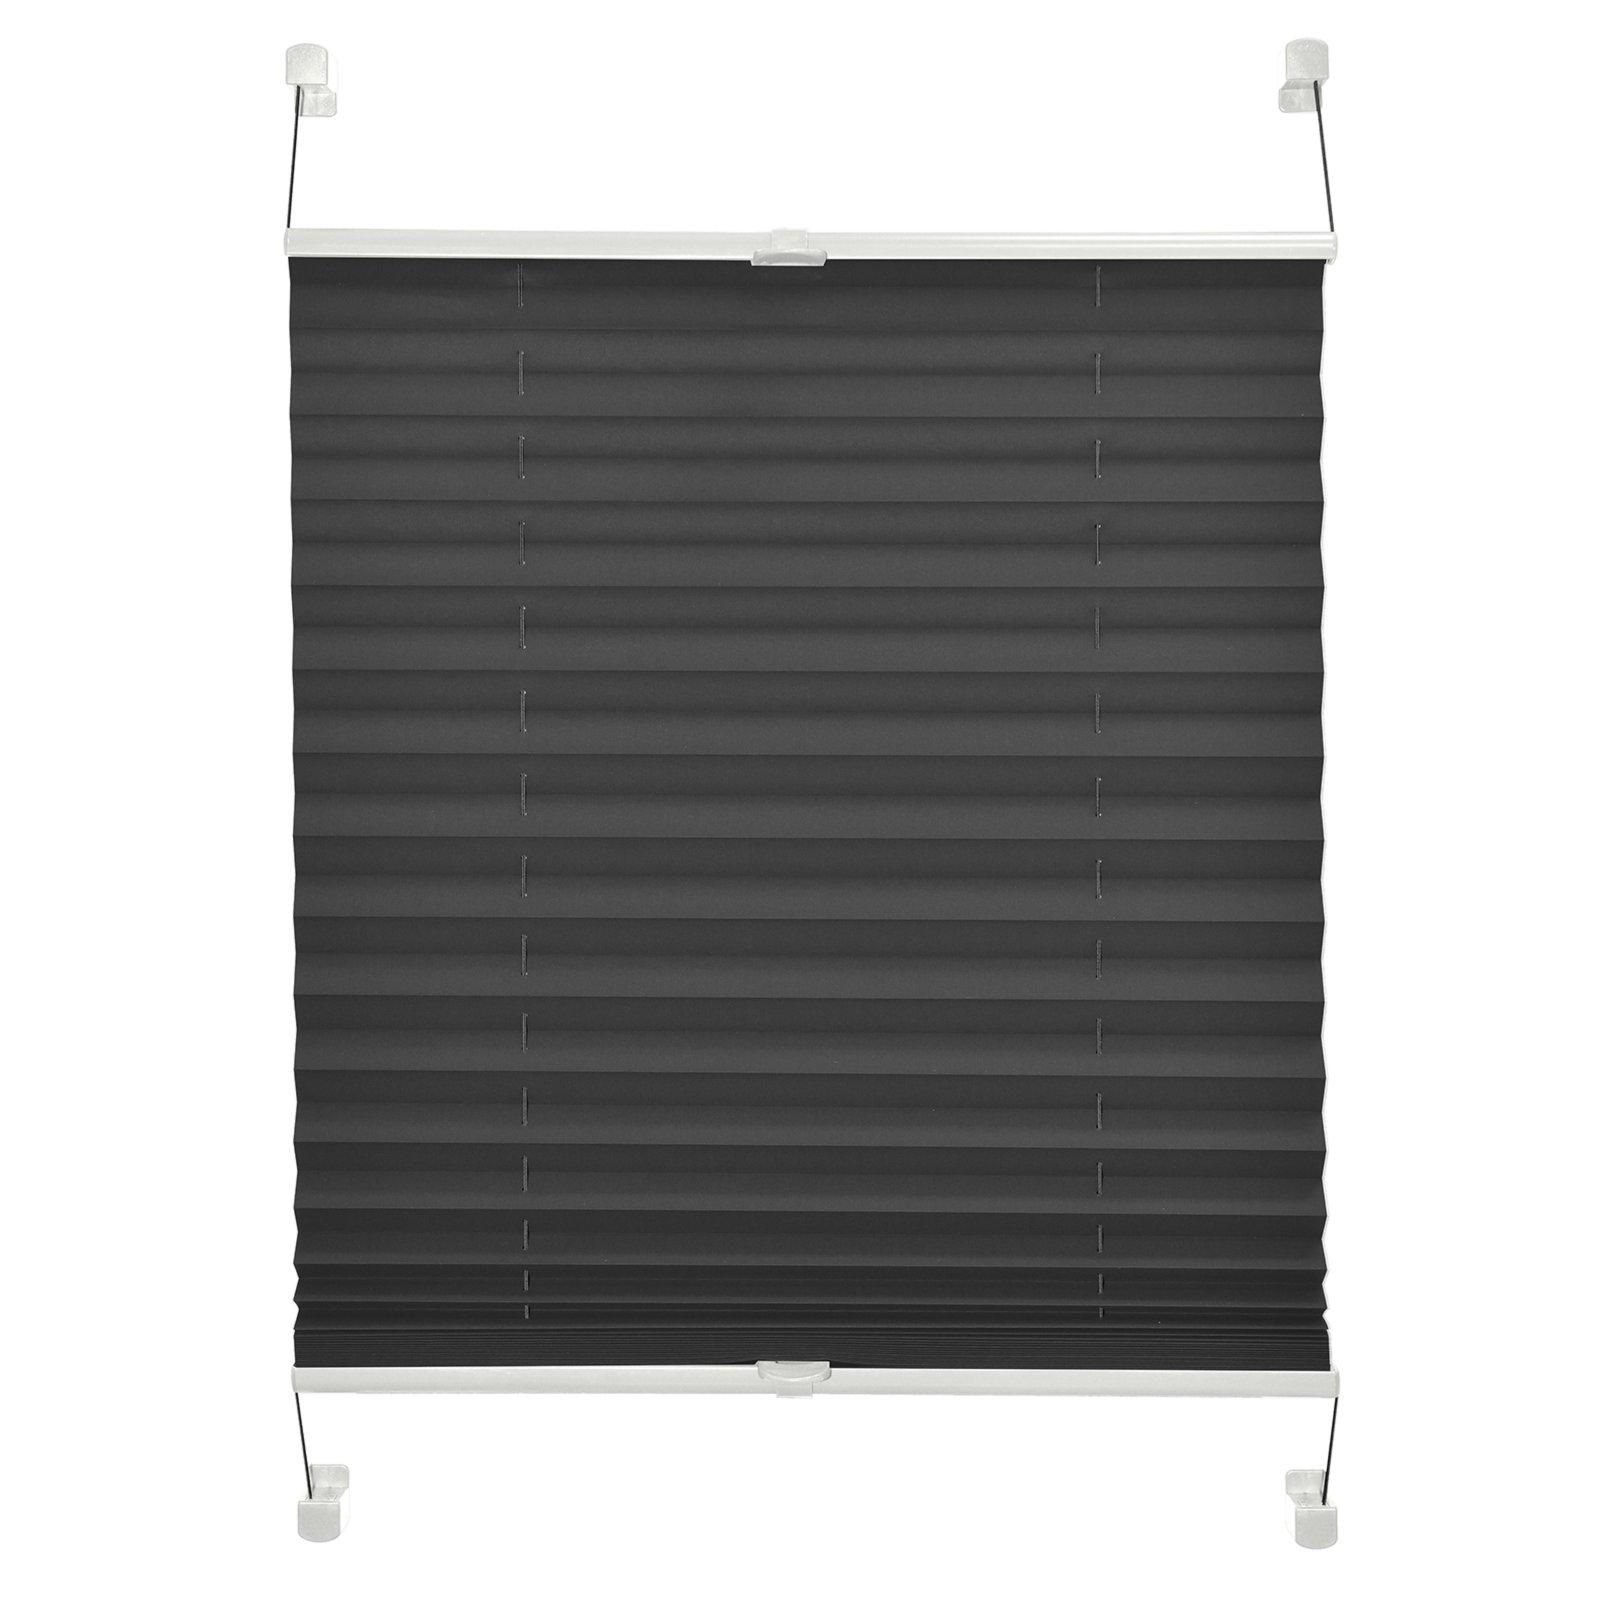 verdunklungs plissee blackout anthrazit 60x130 cm plissees rollos jalousien deko. Black Bedroom Furniture Sets. Home Design Ideas